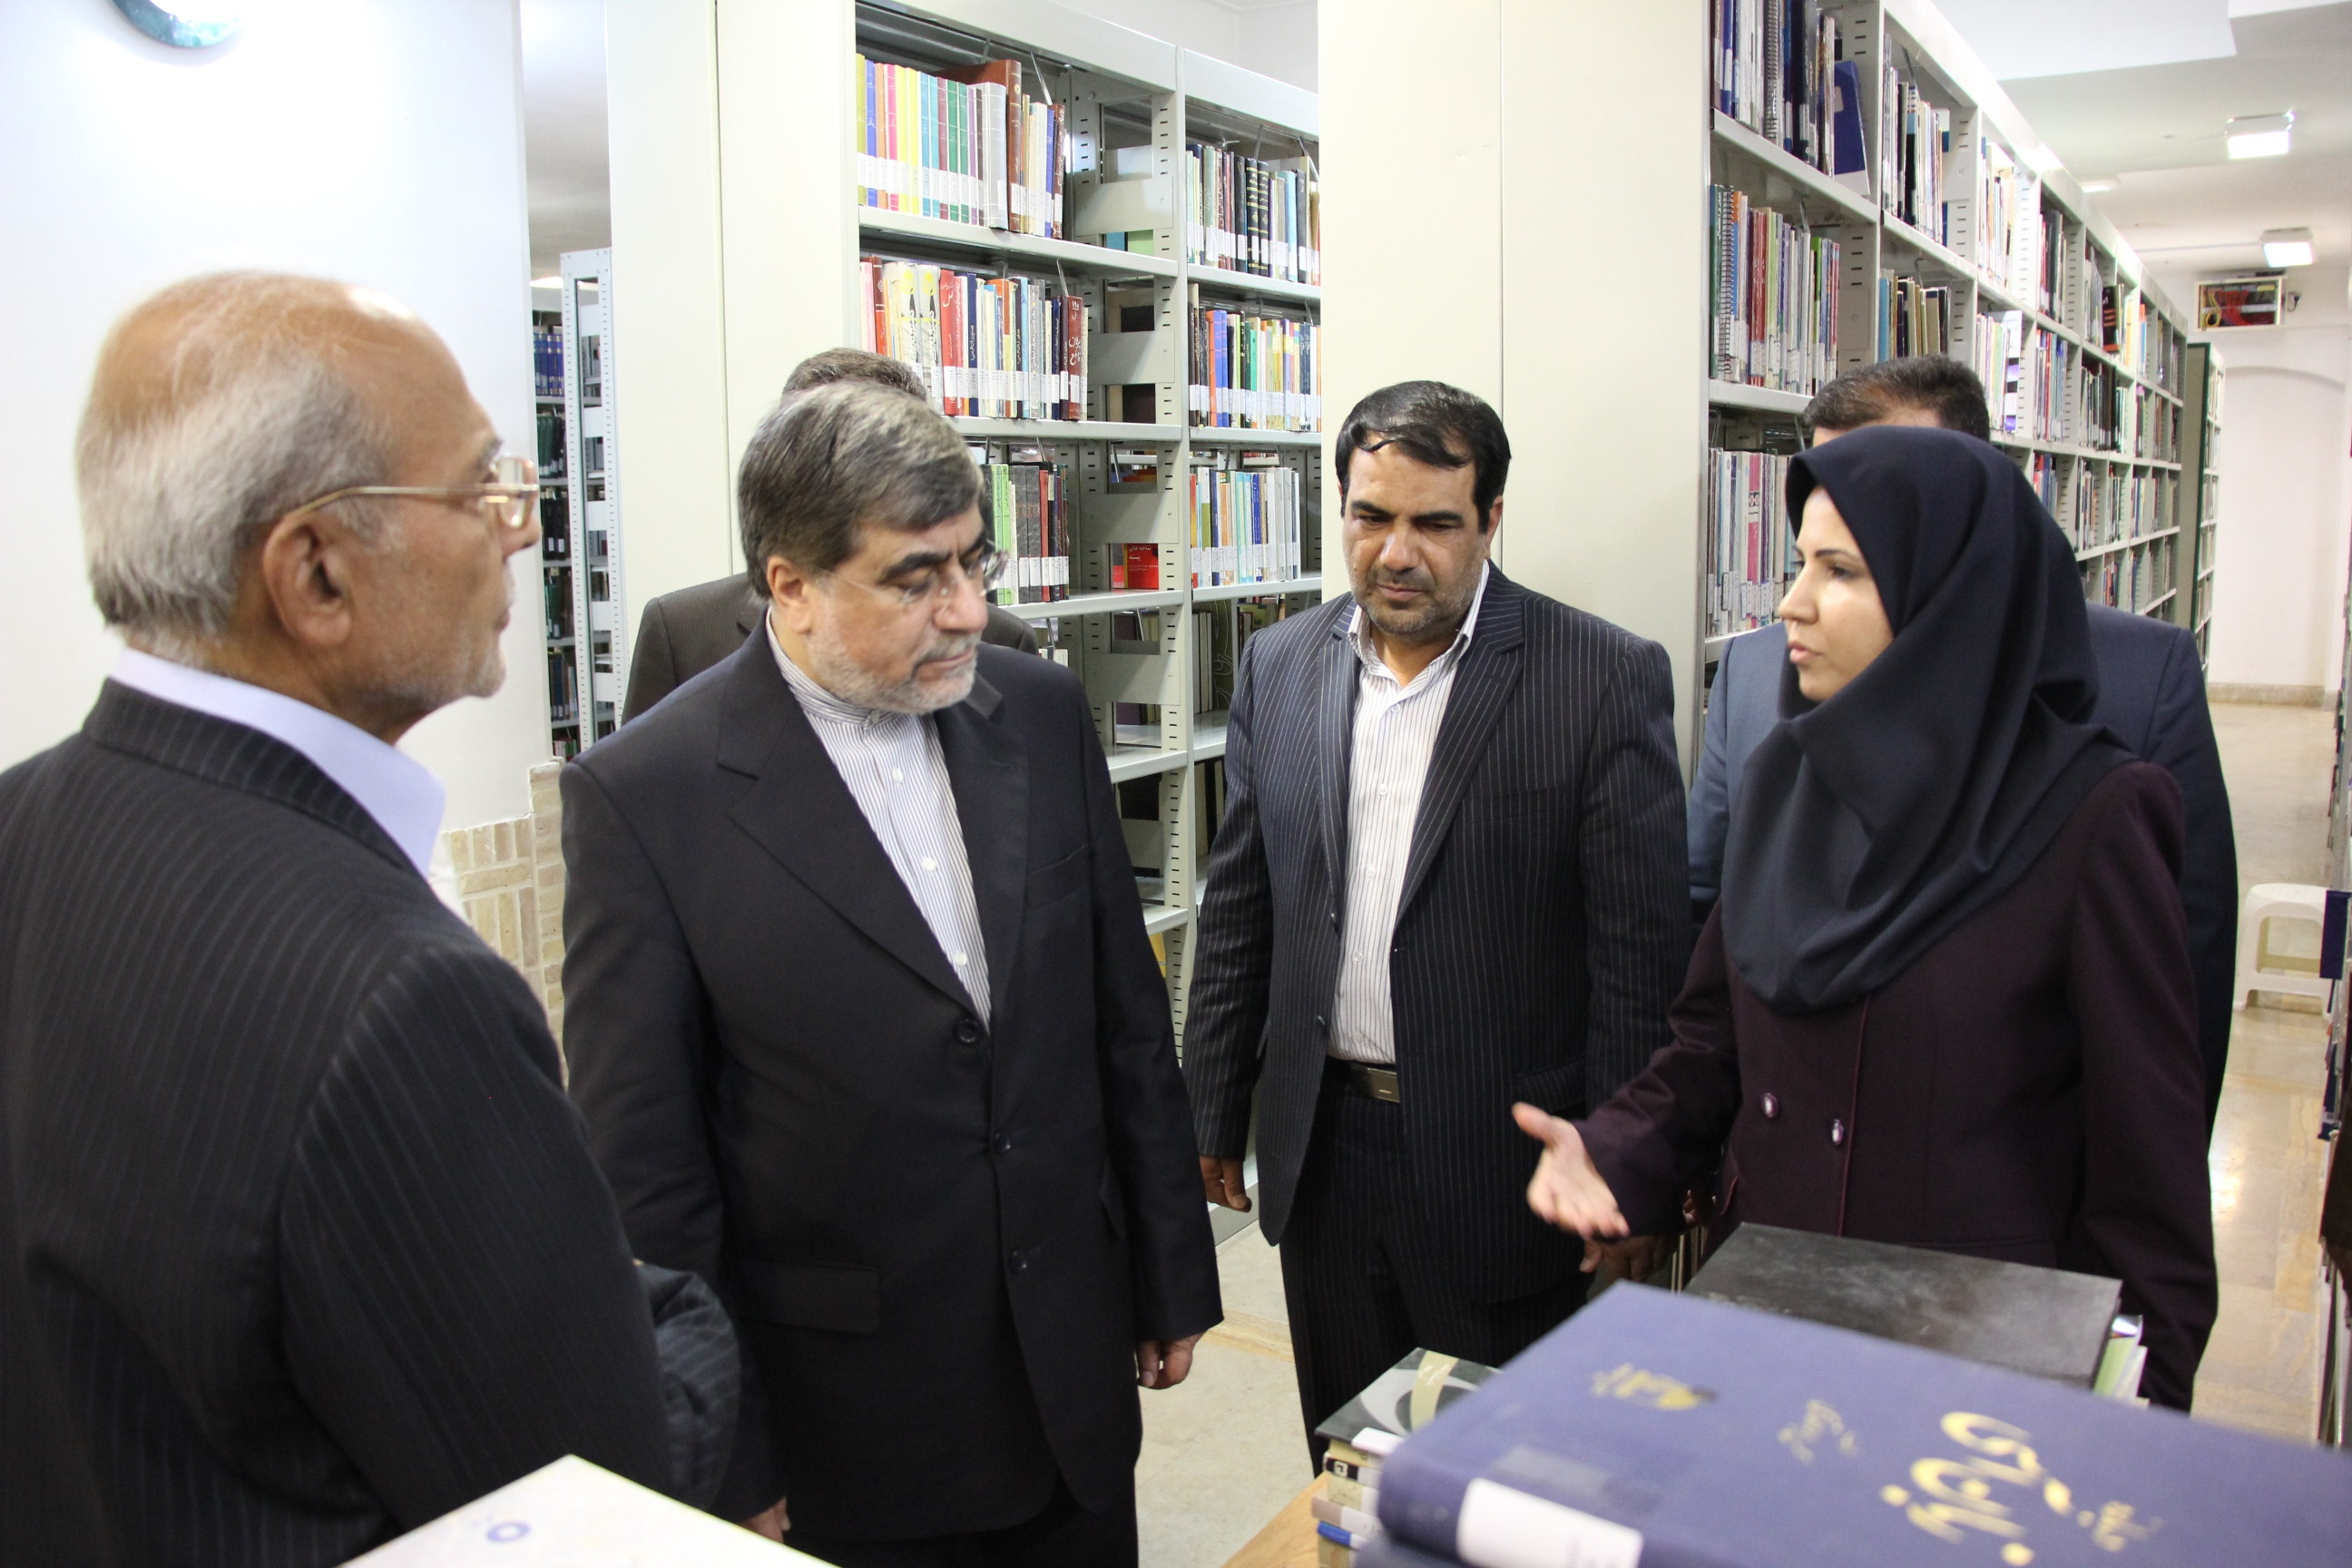 بازدید وزیر فرهنگ از کتابخانه وزیری یزد